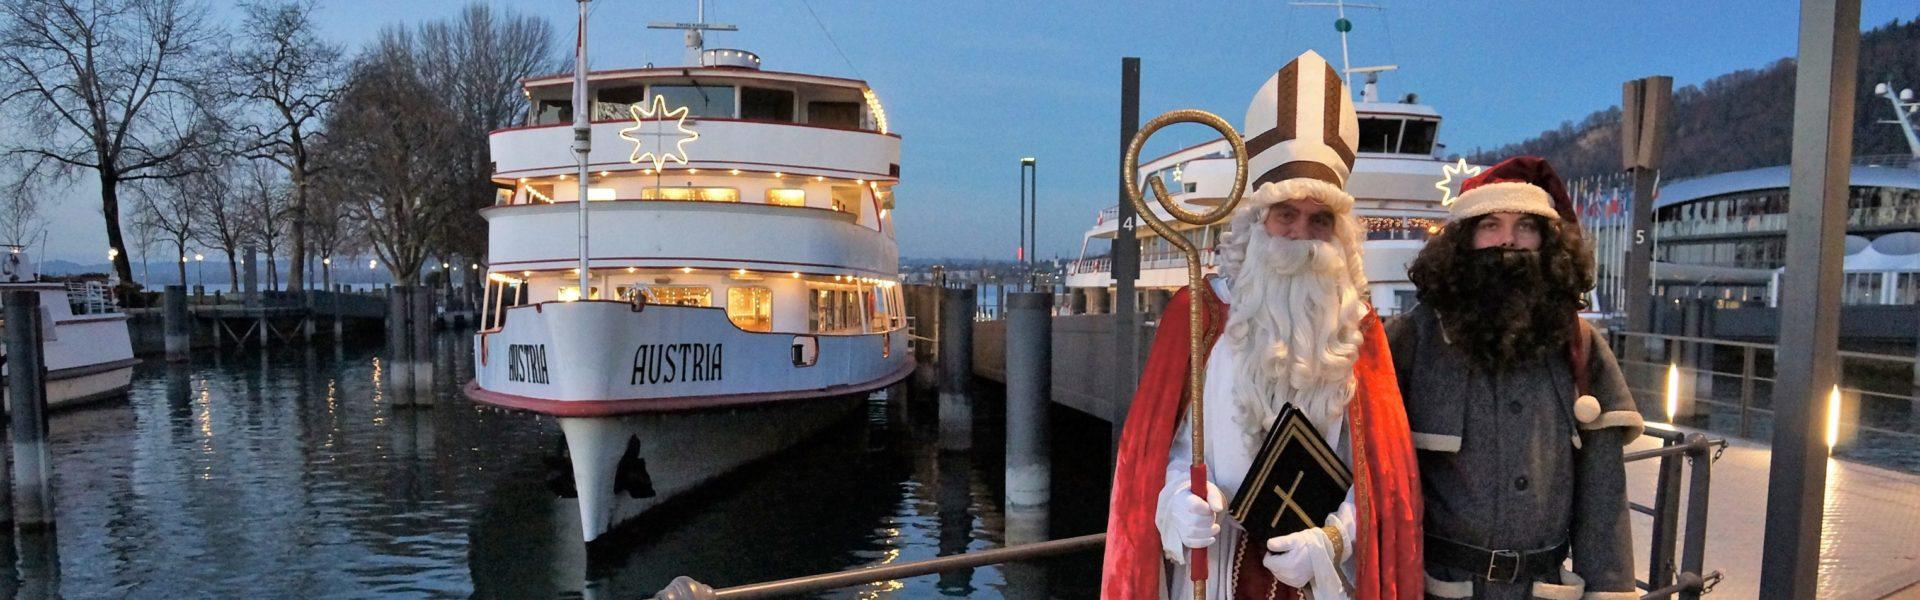 Ausfahrt mit dem Nikolaus, Bodensee-Schifffahrt © Hammerer Planen GmbH